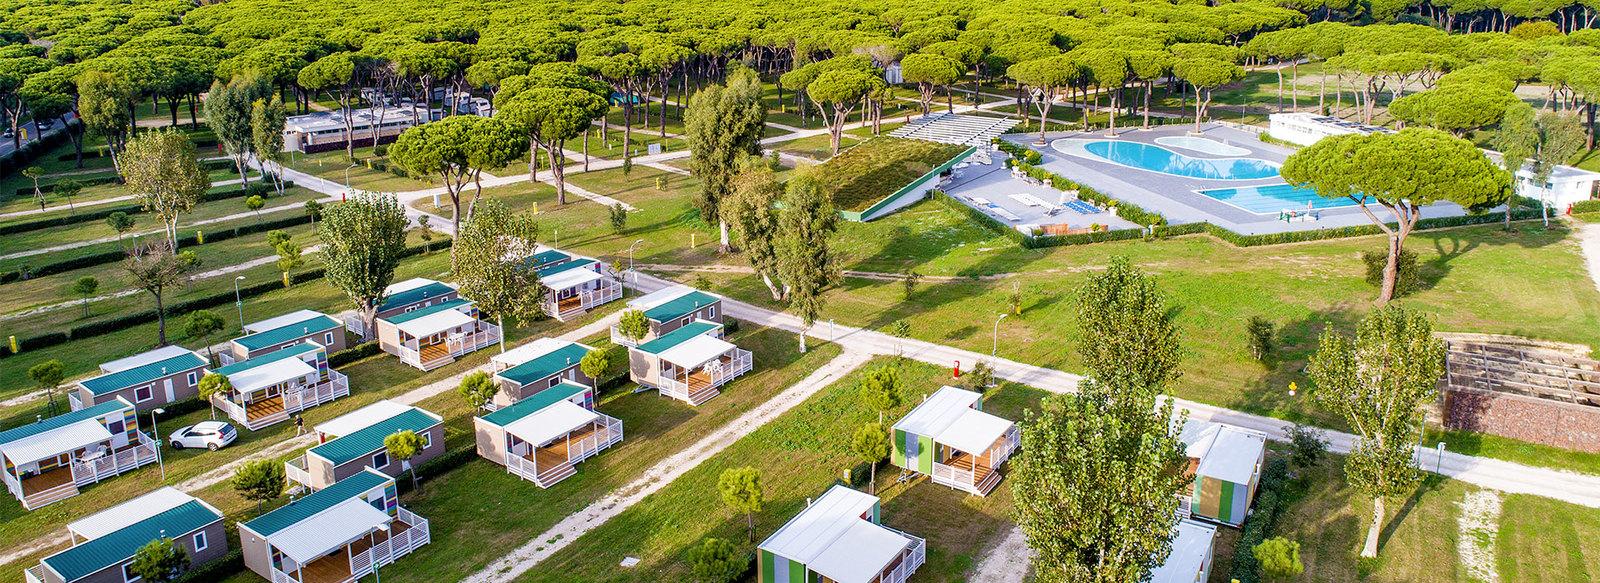 Villaggio a 2 km dal Lido di Ostia